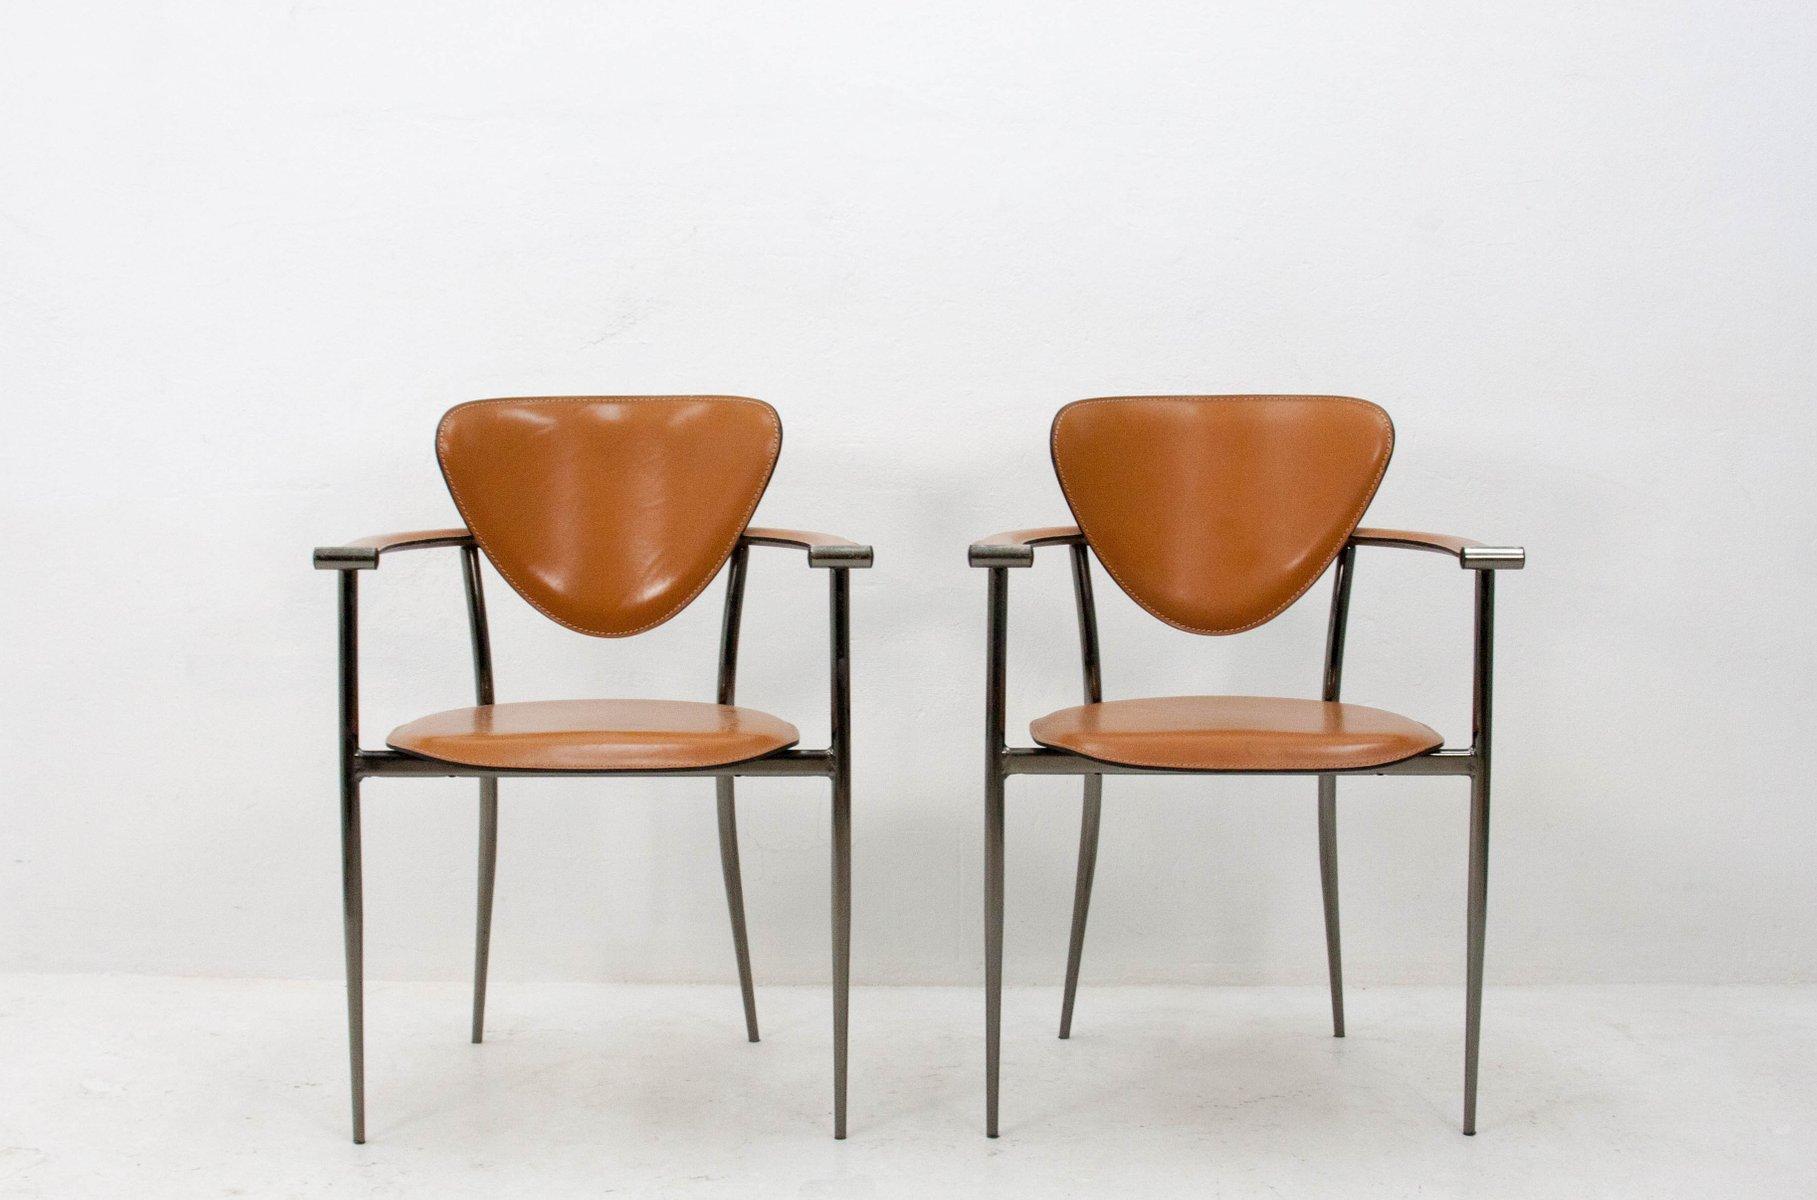 sessel f r arrben 1960er 2er set bei pamono kaufen. Black Bedroom Furniture Sets. Home Design Ideas